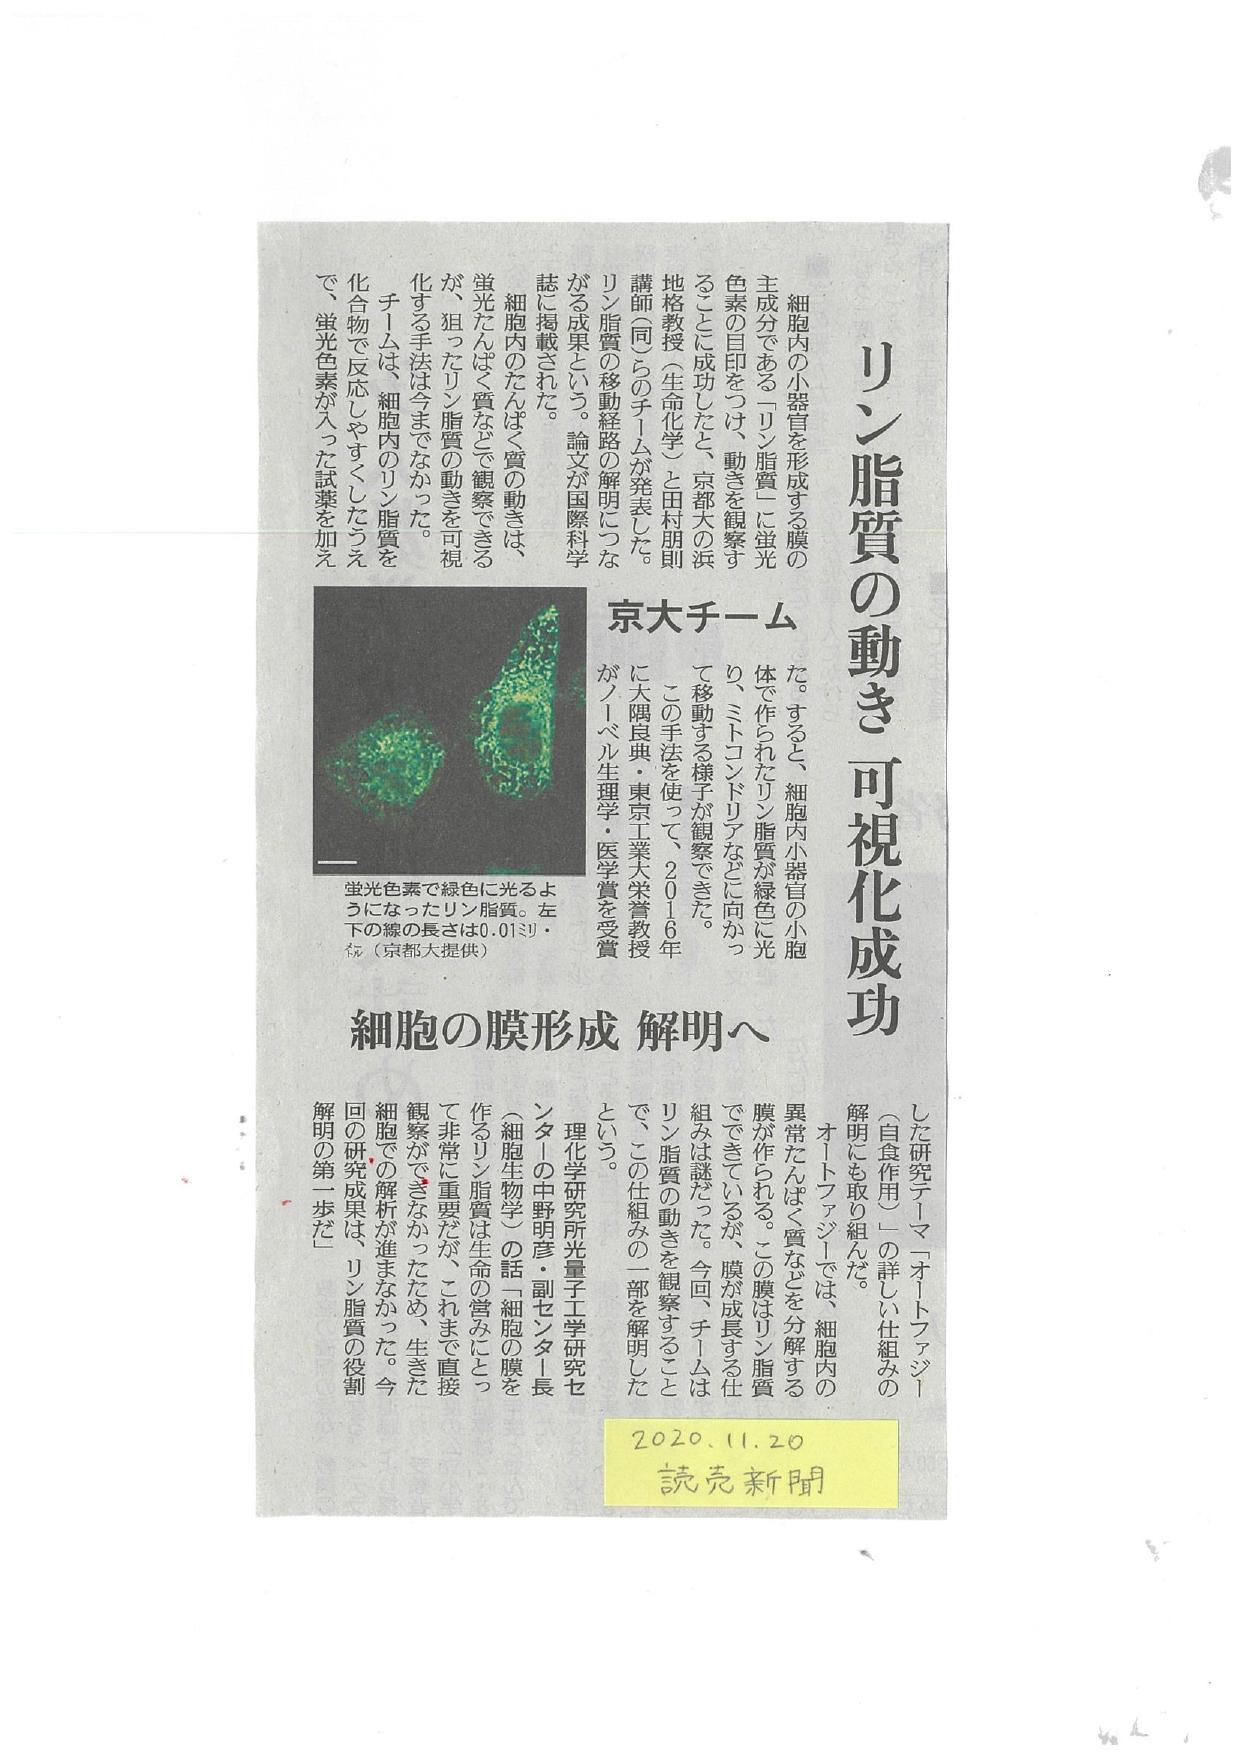 2020.11.20読売.jpg